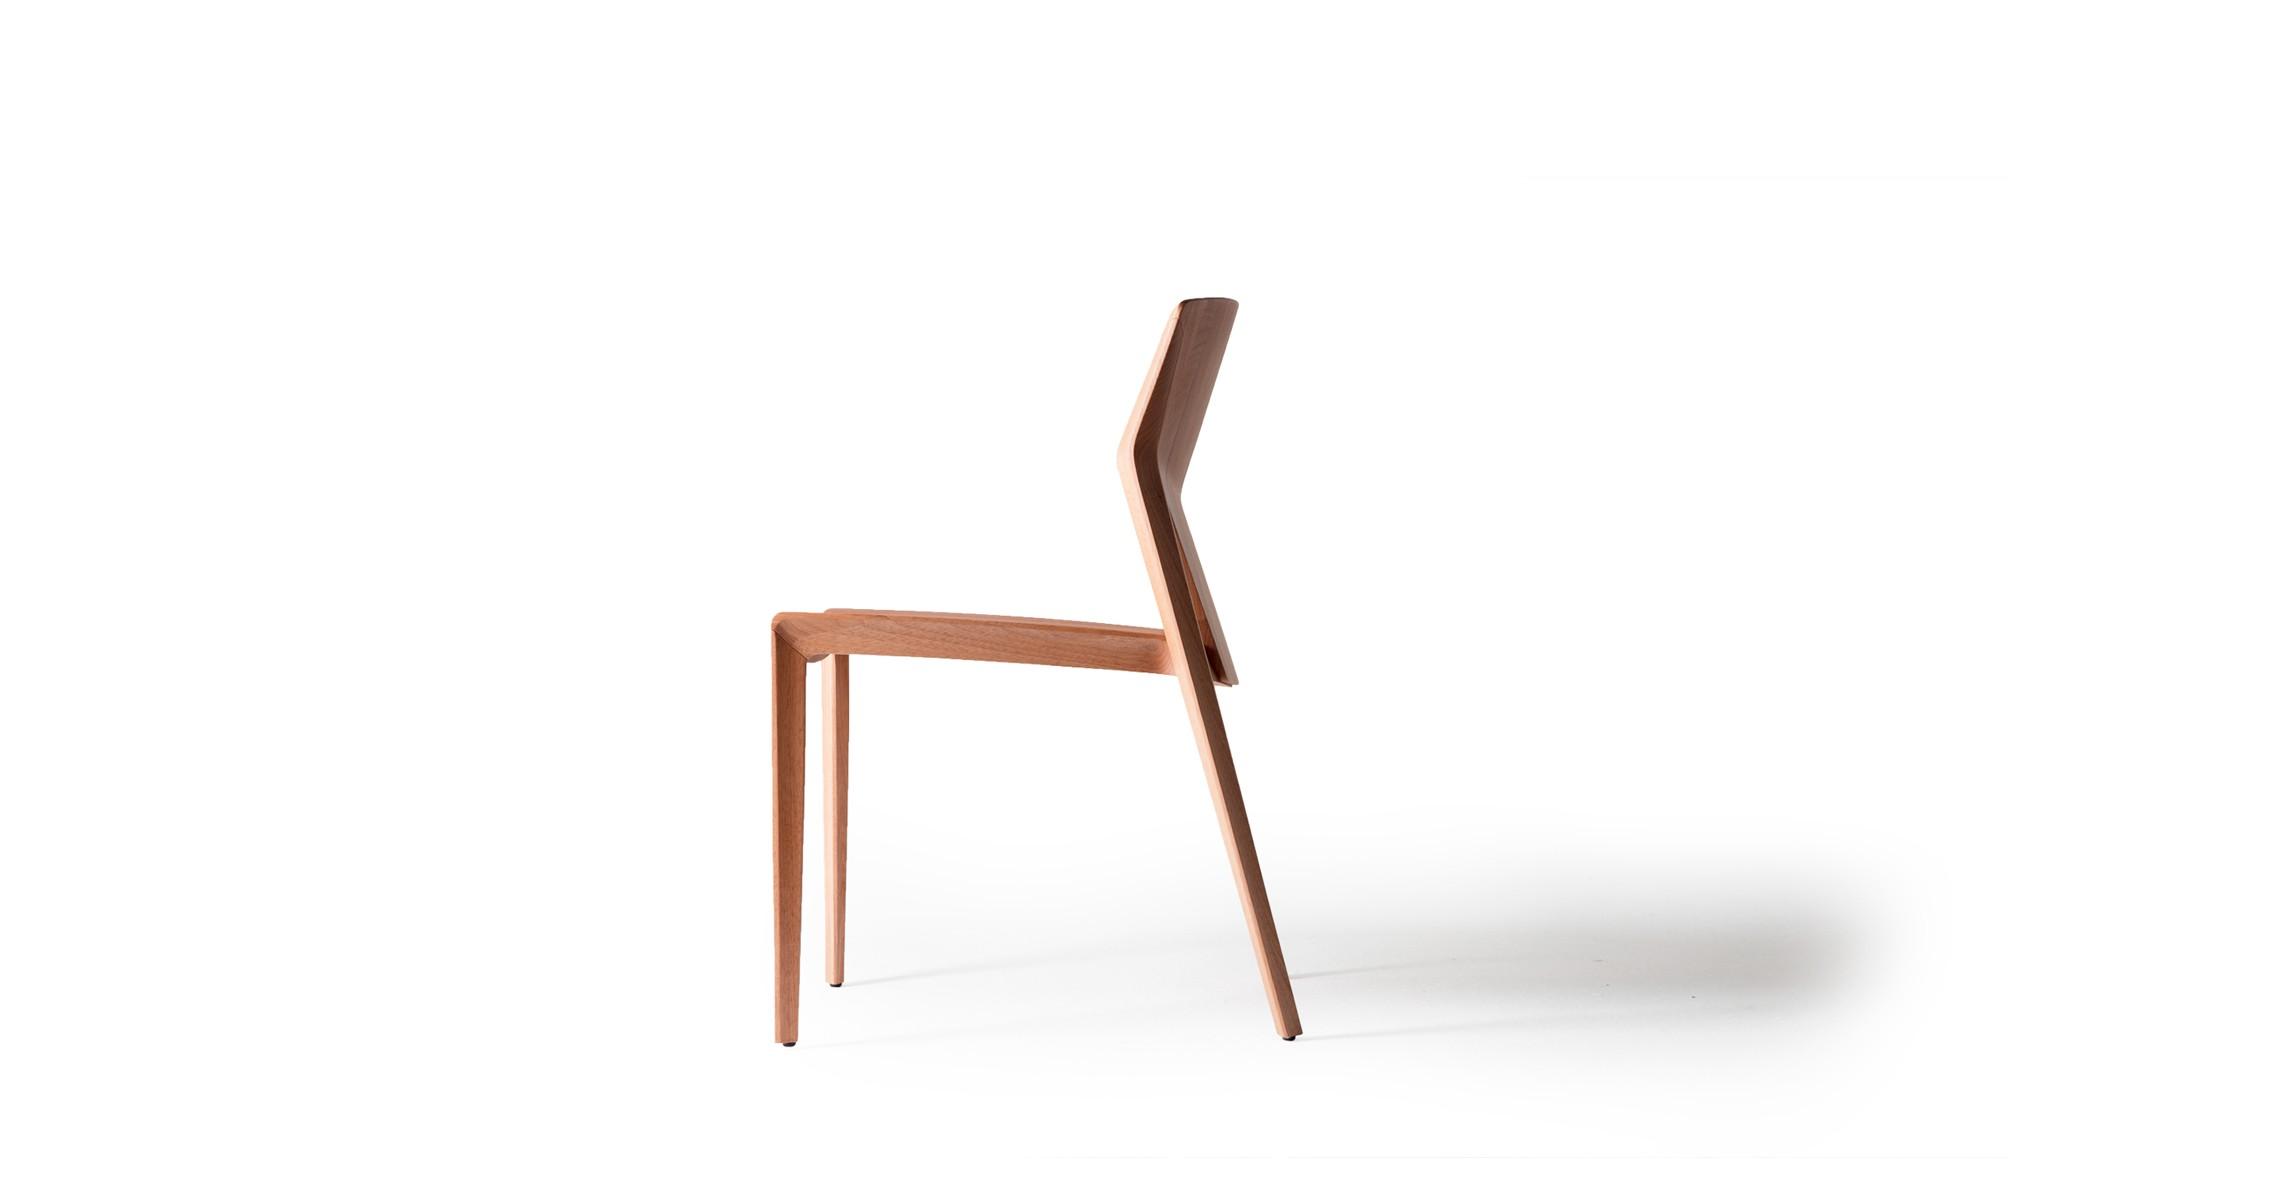 [Cadeira Lep] Fullbanner 1